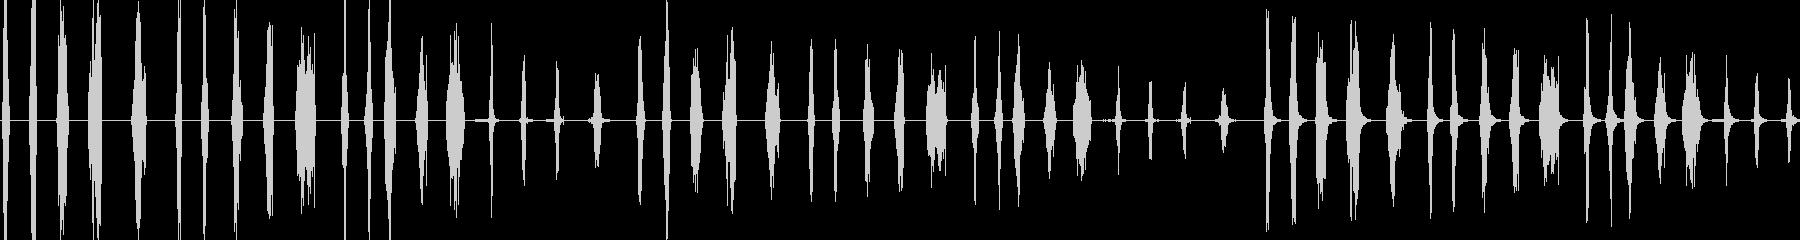 ジッパー、20バージョンX 3ルー...の未再生の波形